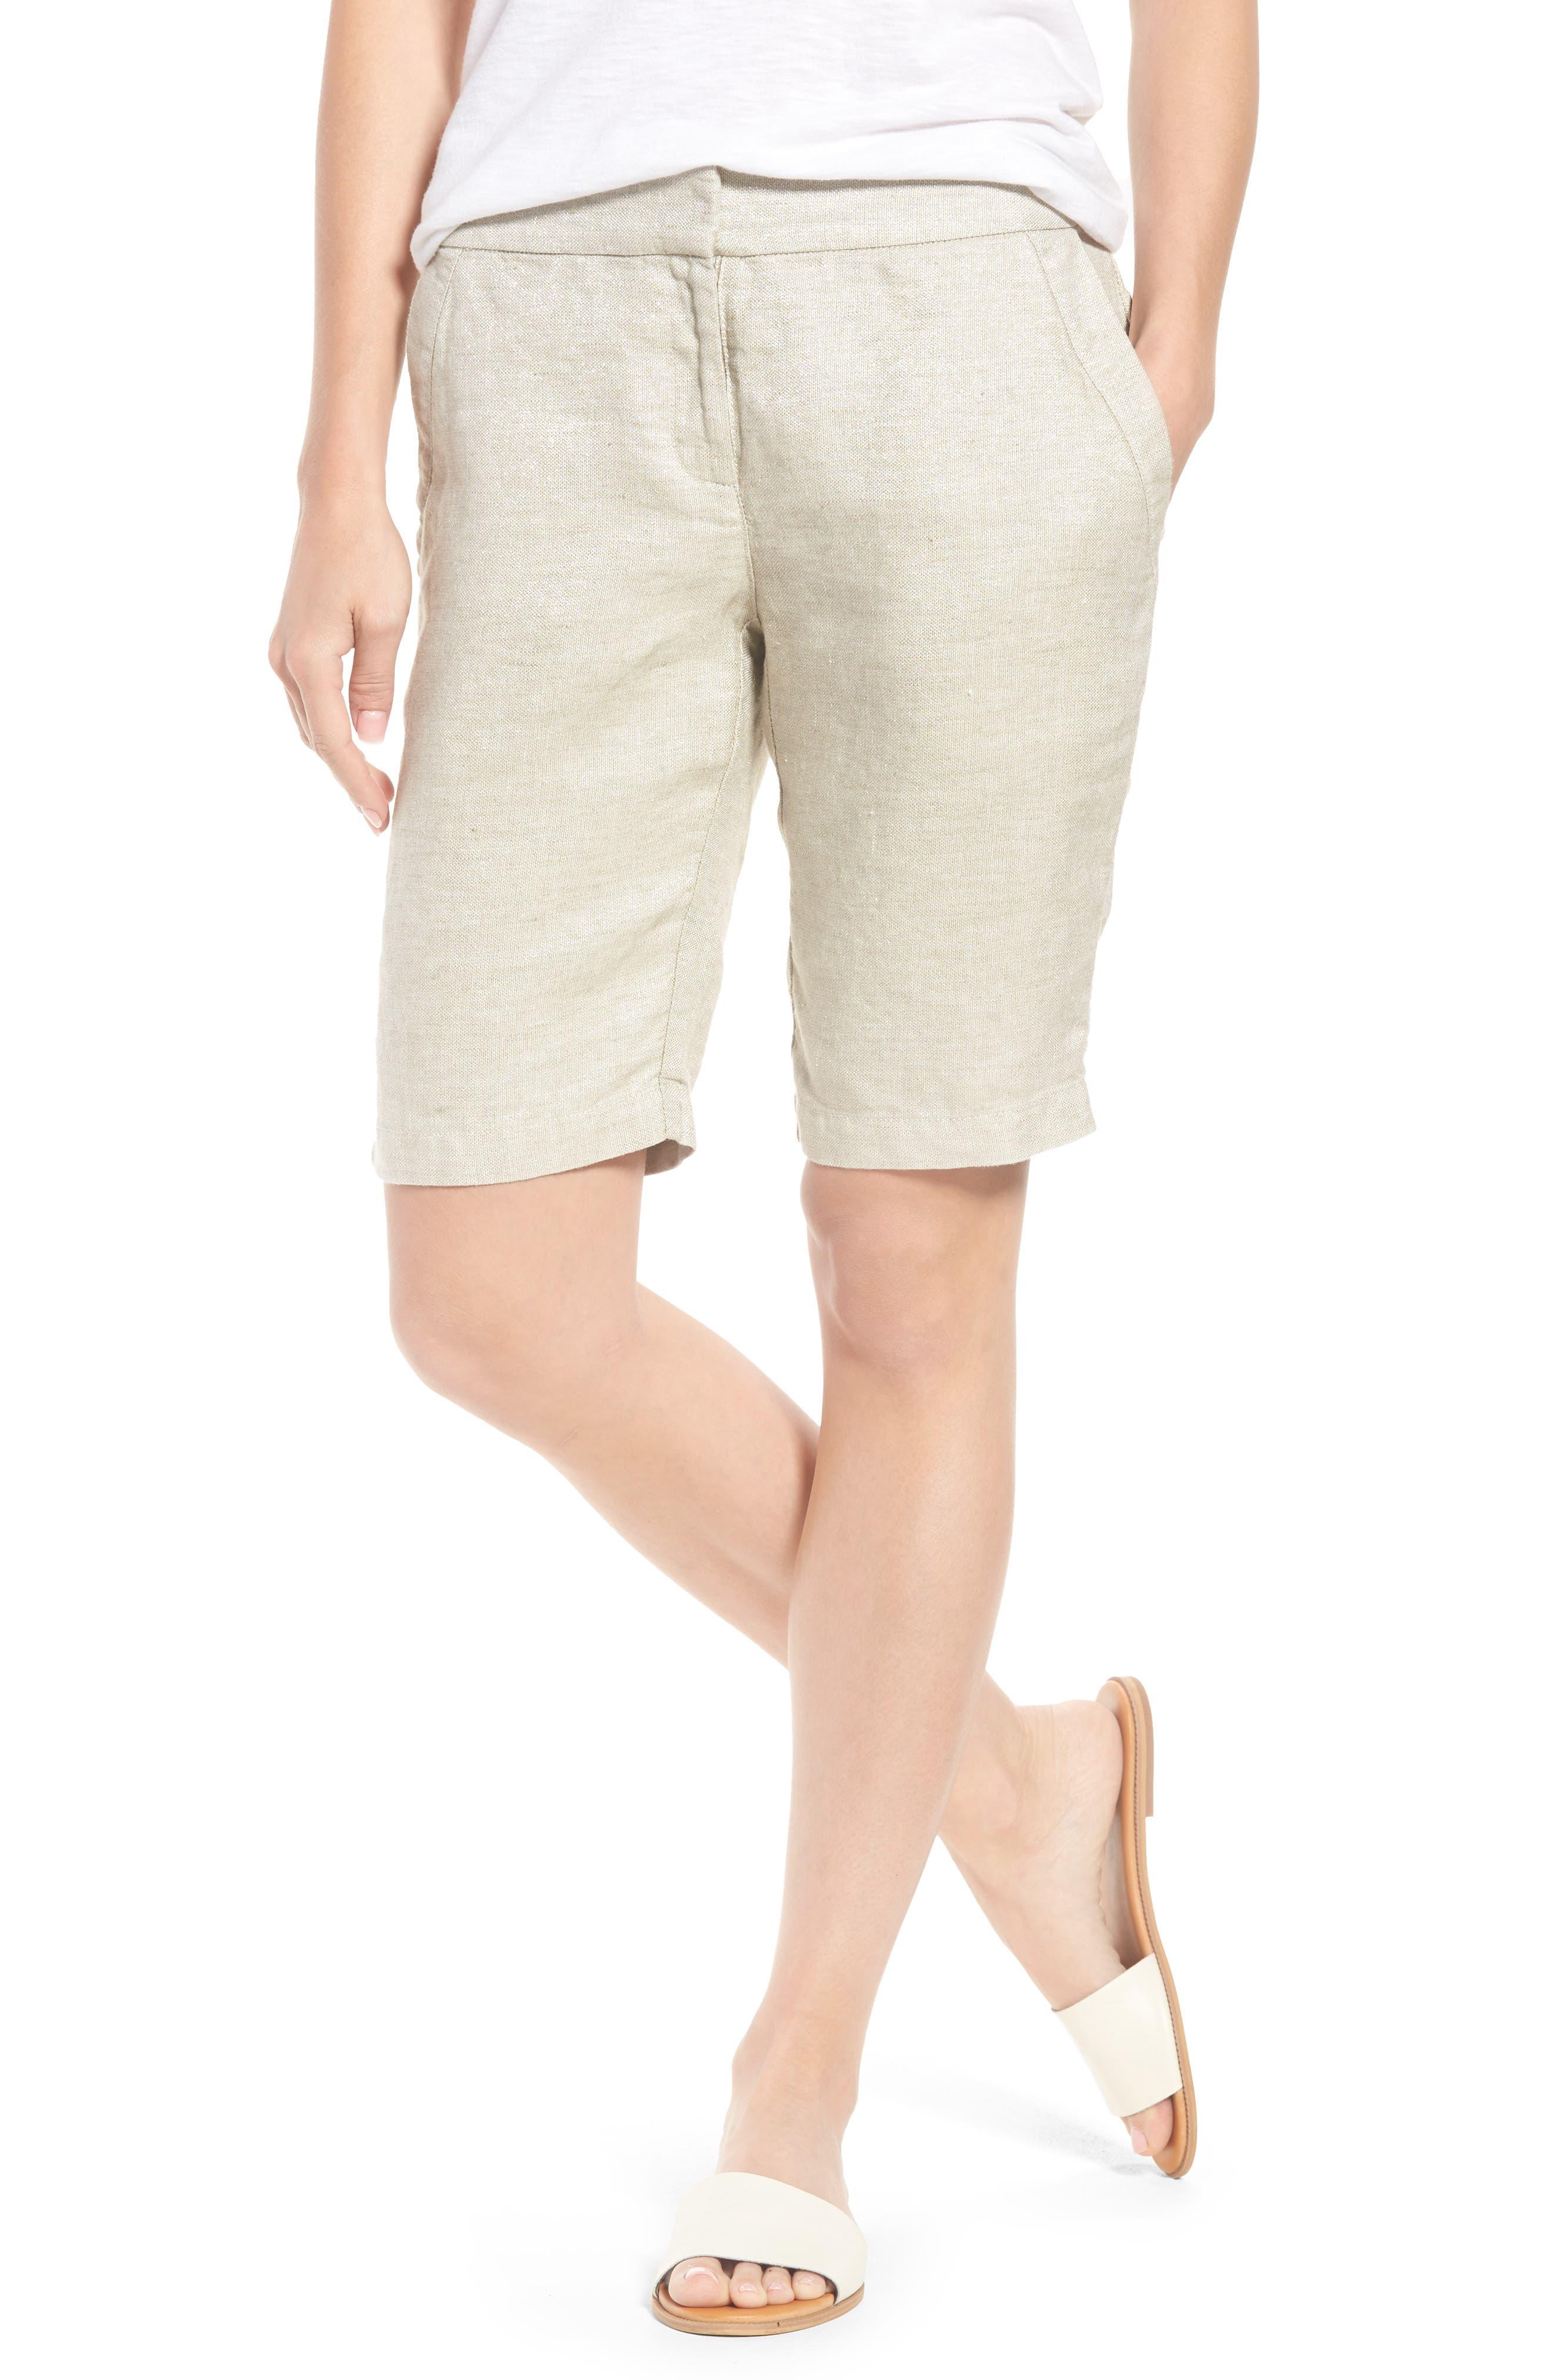 Organic Linen Blend Walking Shorts,                             Main thumbnail 1, color,                             Natural